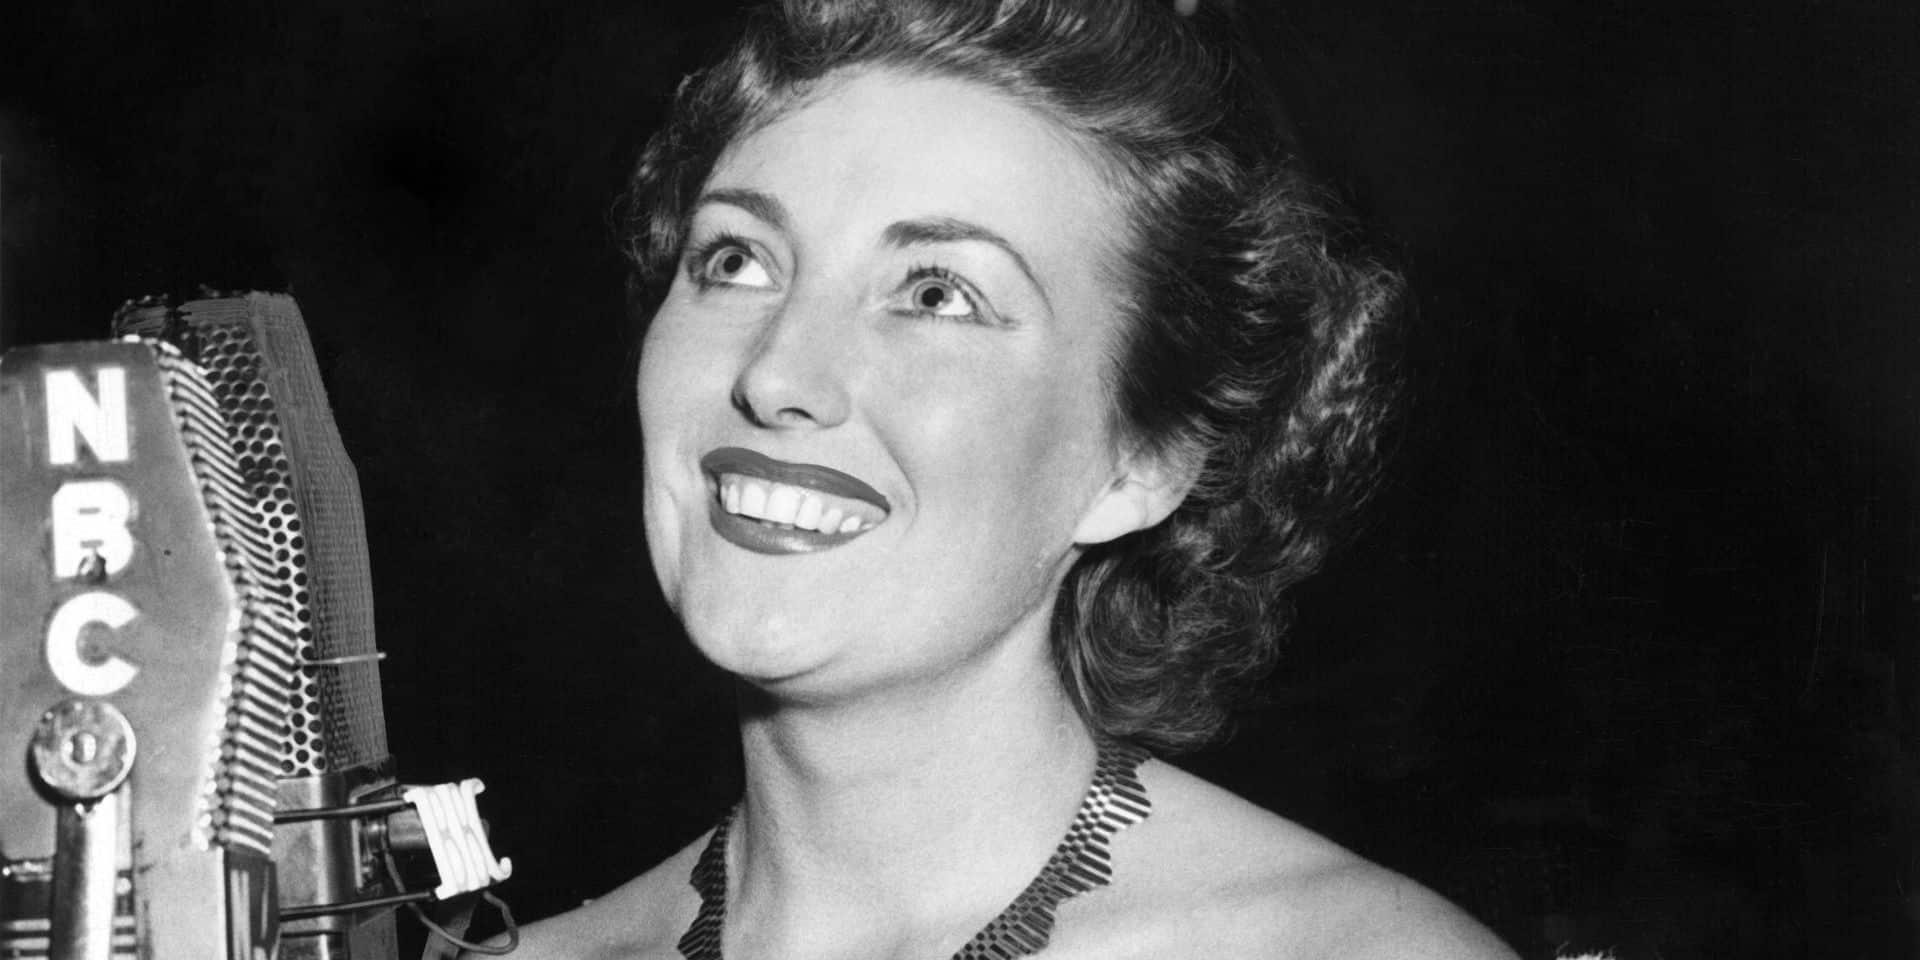 La chanteuse Vera Lynn, devenue célèbre pendant la Seconde Guerre mondiale, est décédée à l'âge de 103 ans